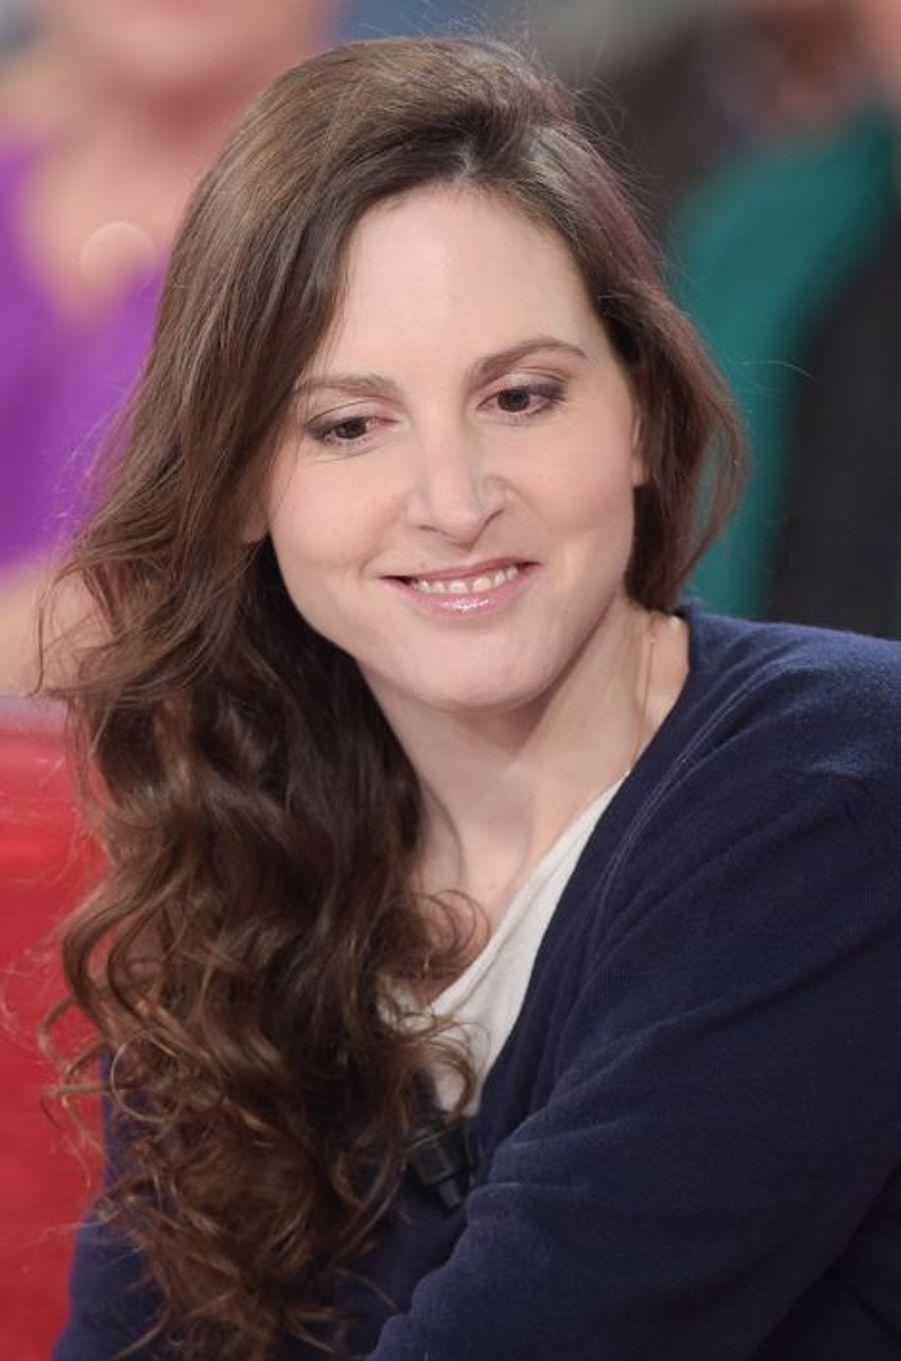 """Justine Lévy lors de l'enregistrement de """"Vivement Dimanche"""" Miou-Miou, le 4 février 2015"""